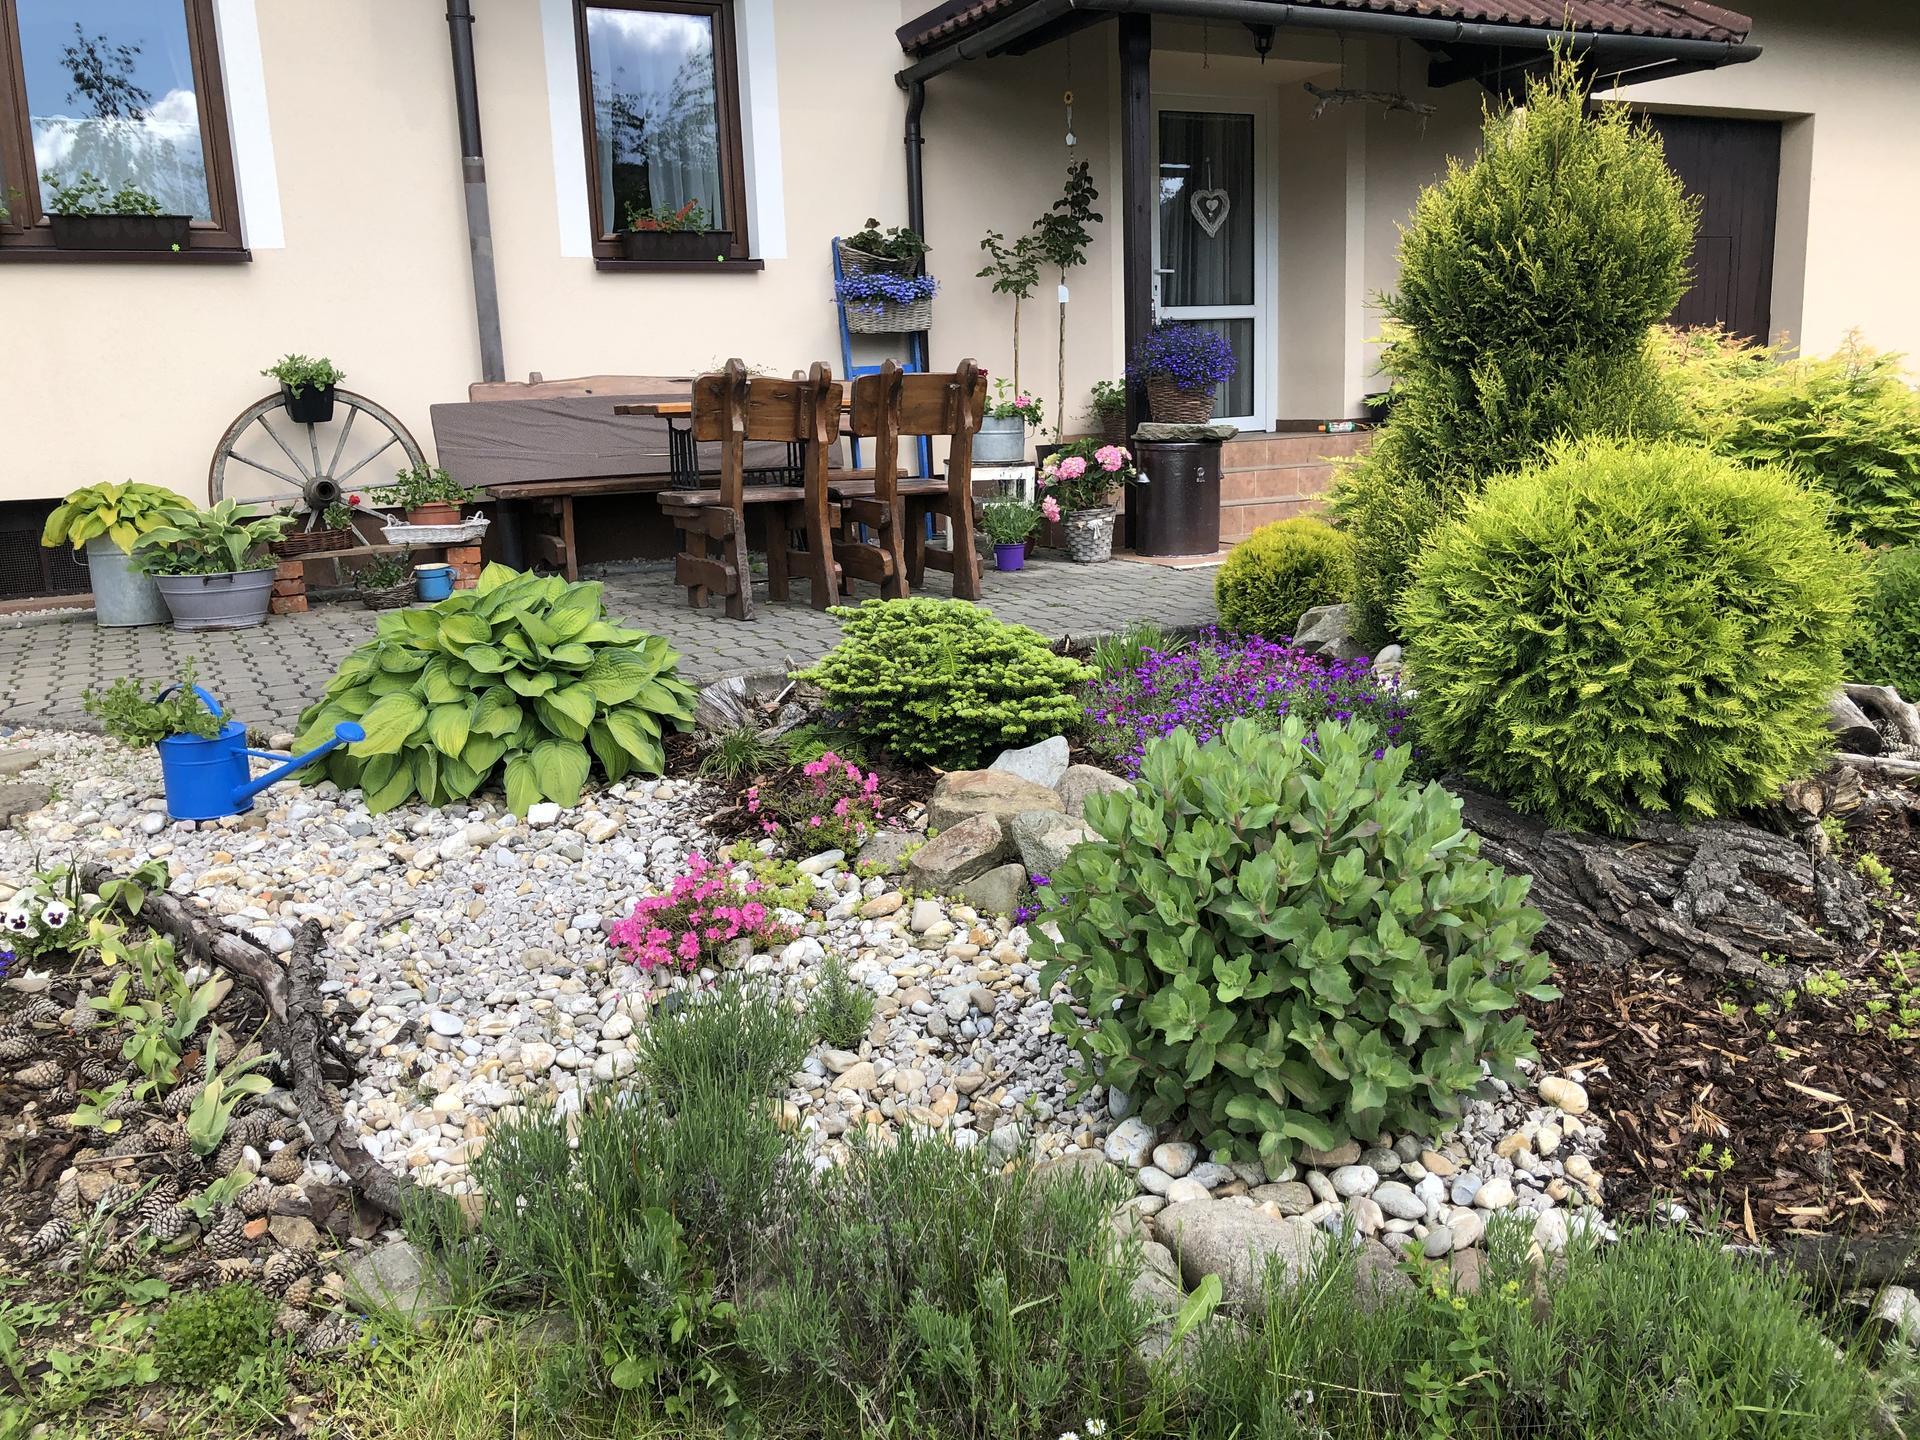 U nás doma a na zahradě 2020 - Obrázek č. 69